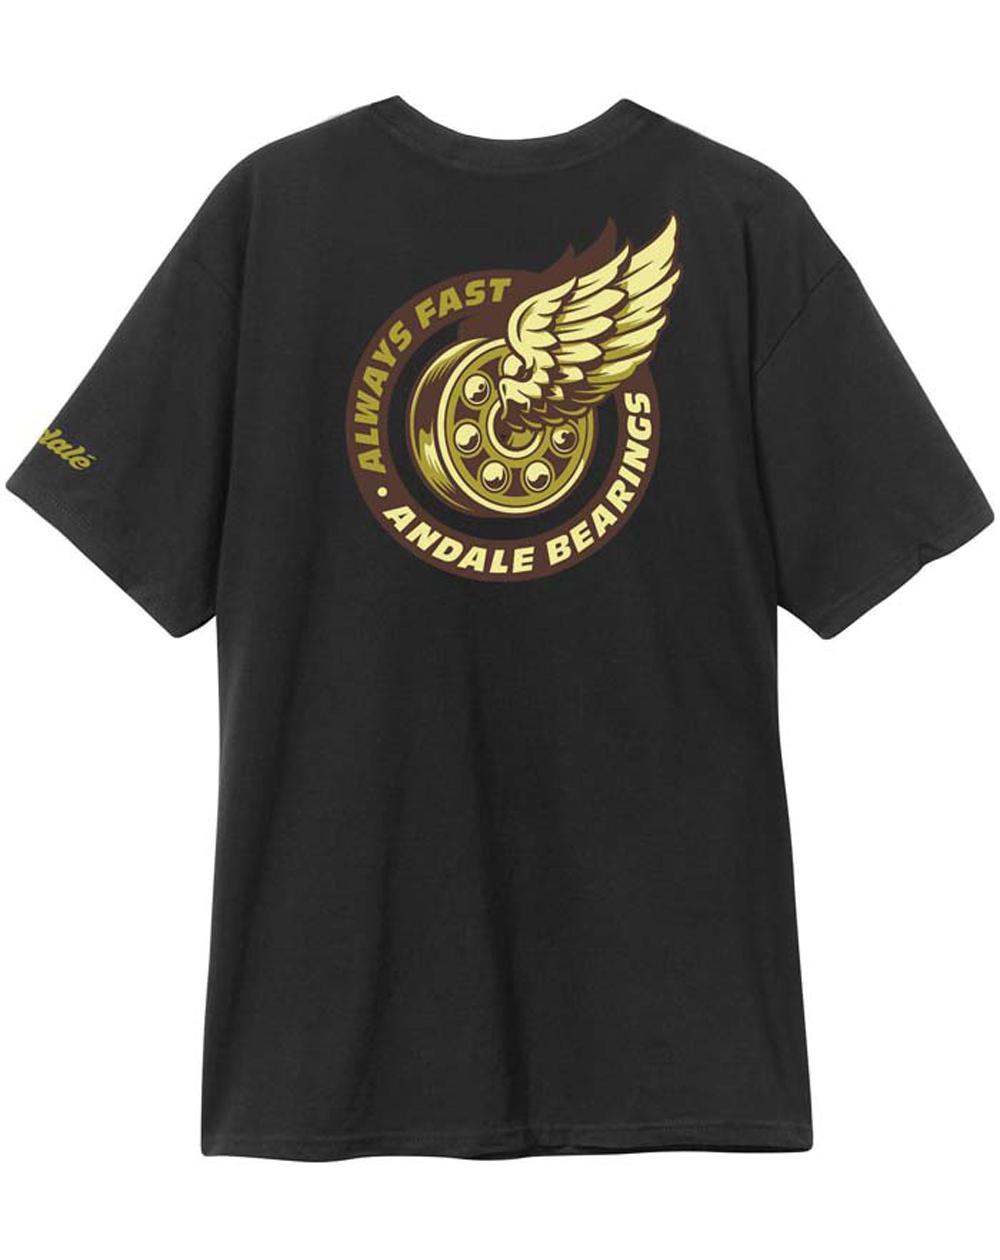 Andalé Excel Premium T-Shirt Homme Black